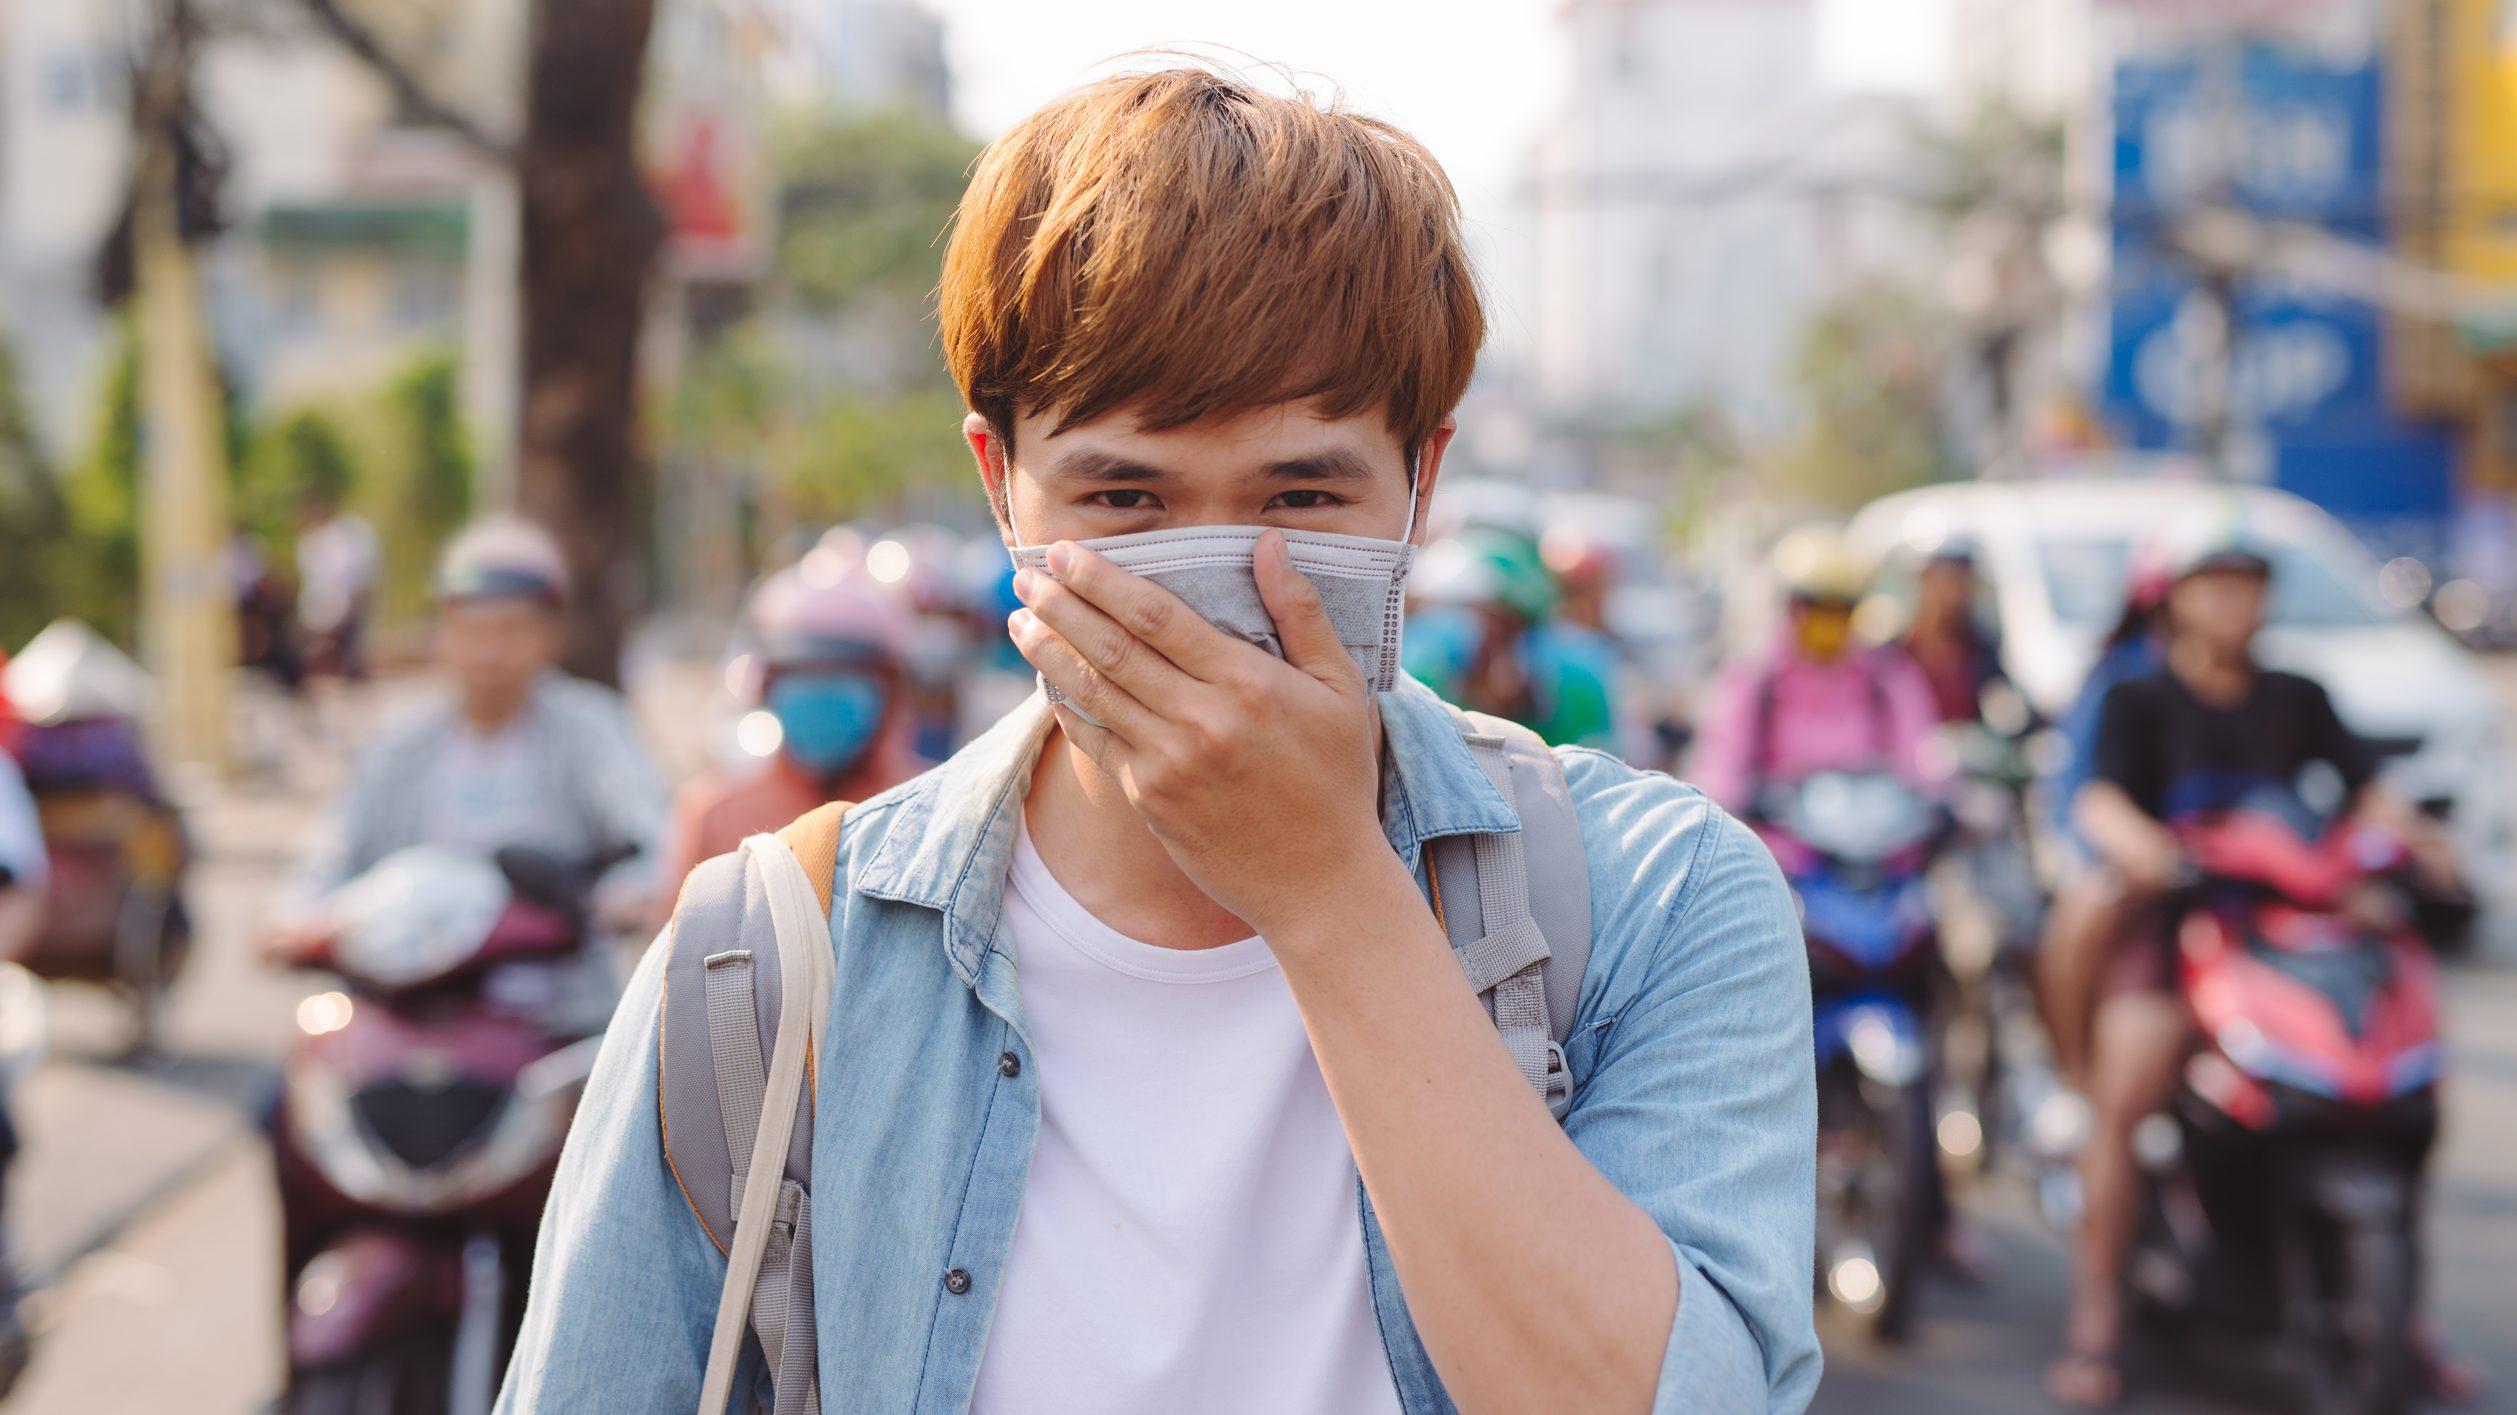 Медичні маски не гарантують захист від коронавірусу – ВООЗ